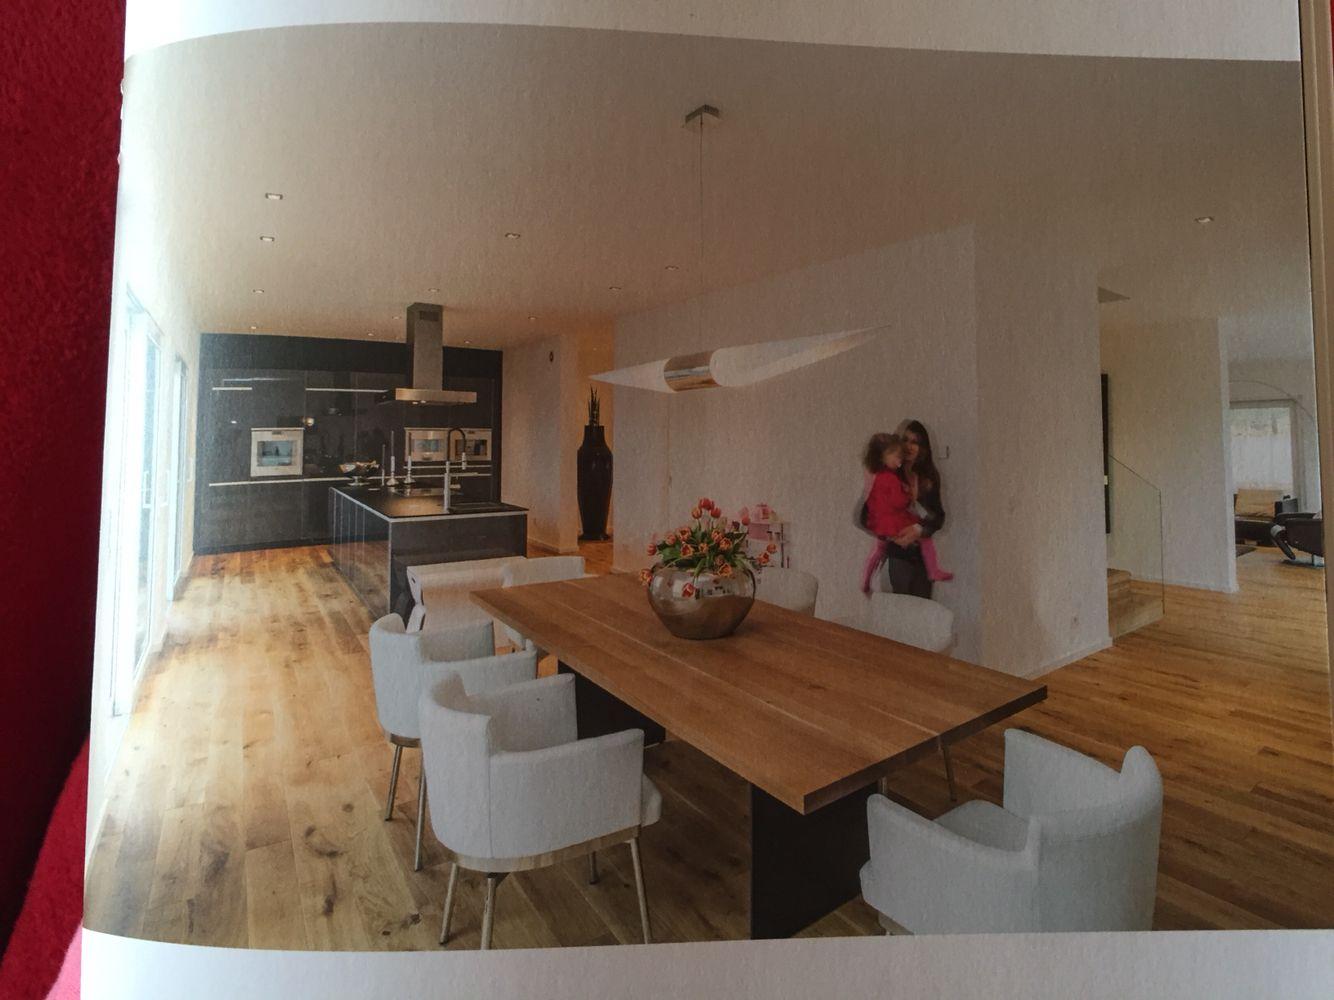 Interessante Raumaufteilung von Küche, Essen und Wohnen